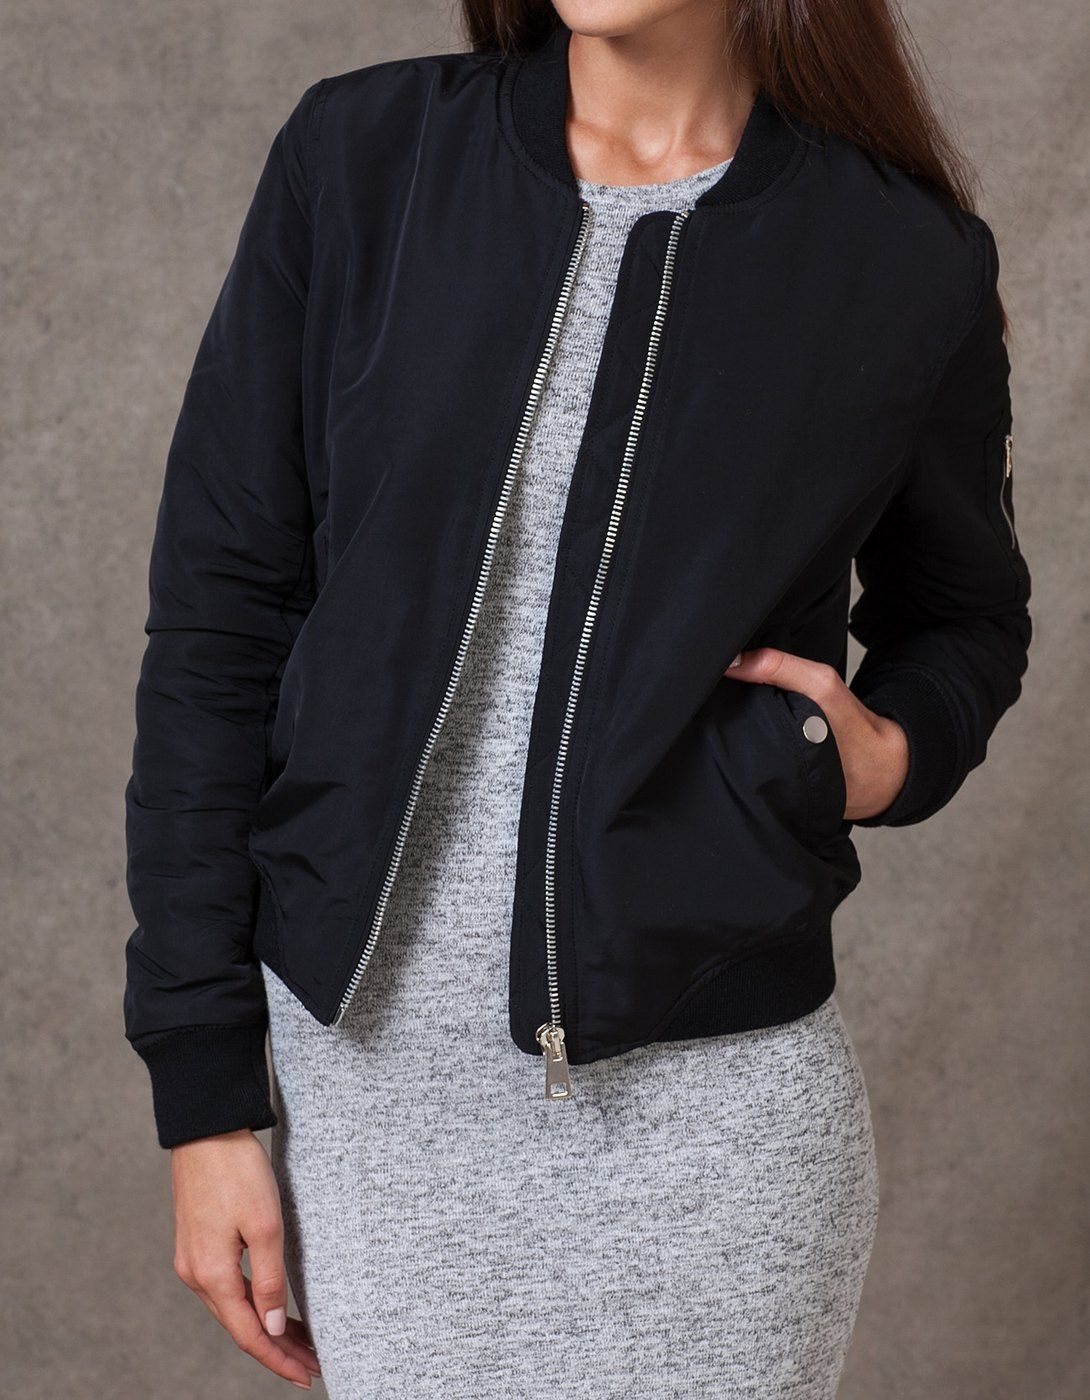 Veste en cuir femme stradivarius